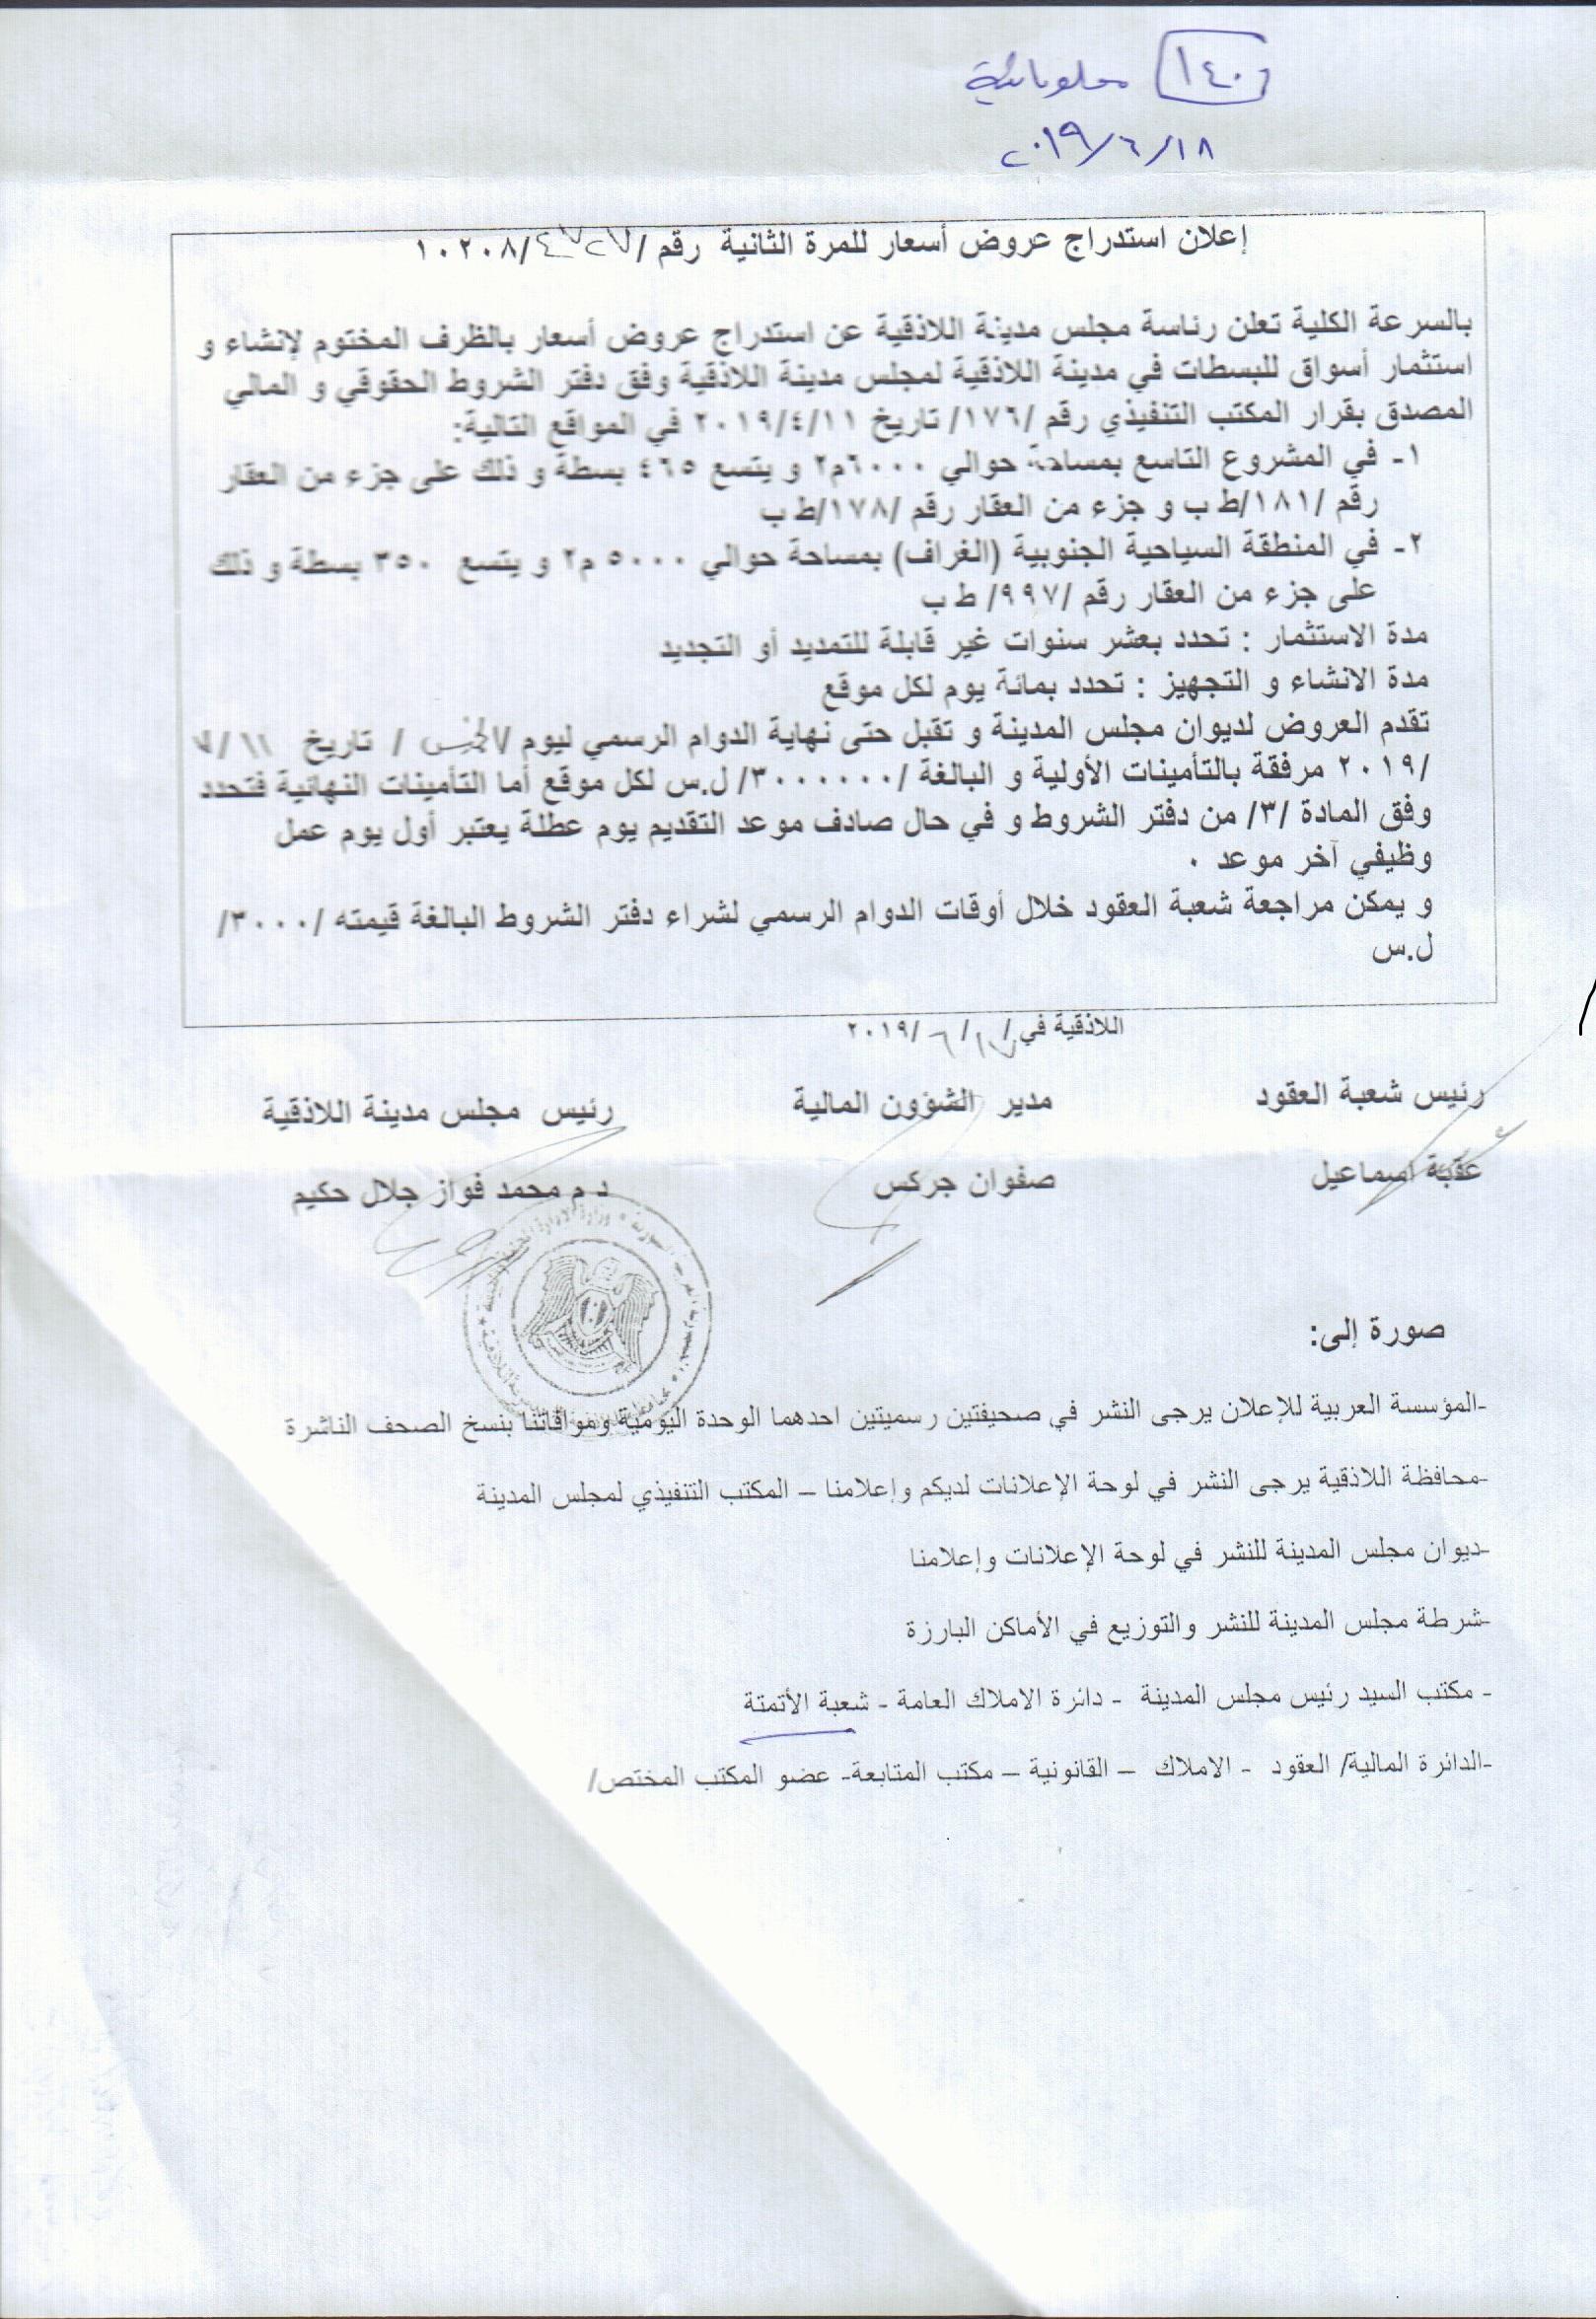 إعلان عن استدراج عروض أسعار بالظرف المختوم لإنشاء و استثمار أسواق للبسطات في مدنية اللاذقية لمجلس مدينة اللاذقية